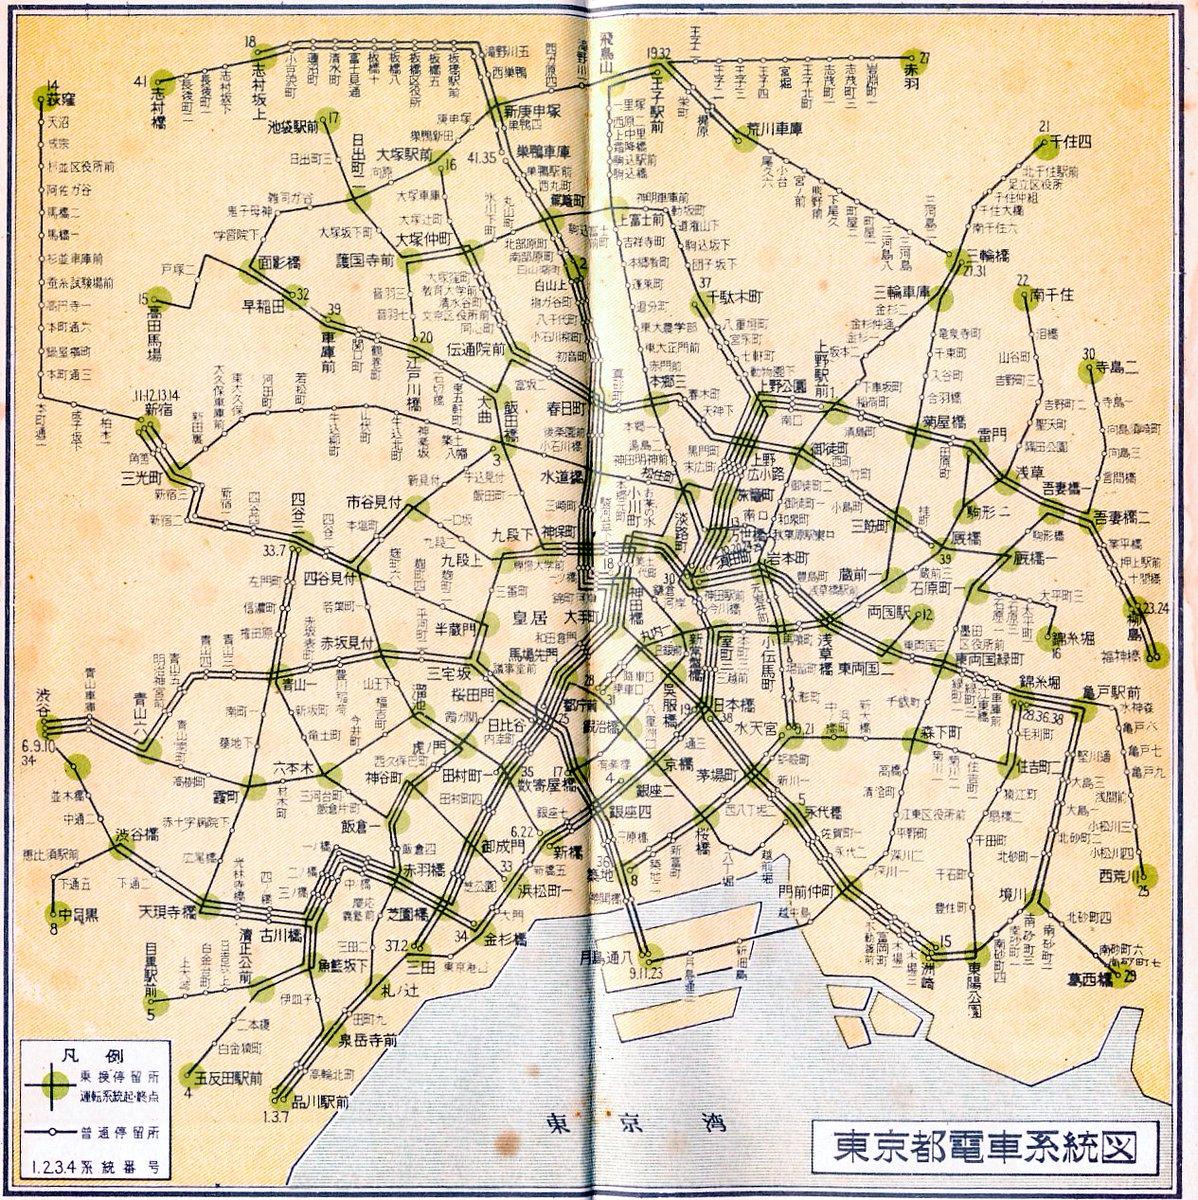 「都電路線図 昭和30年代」の画像検索結果